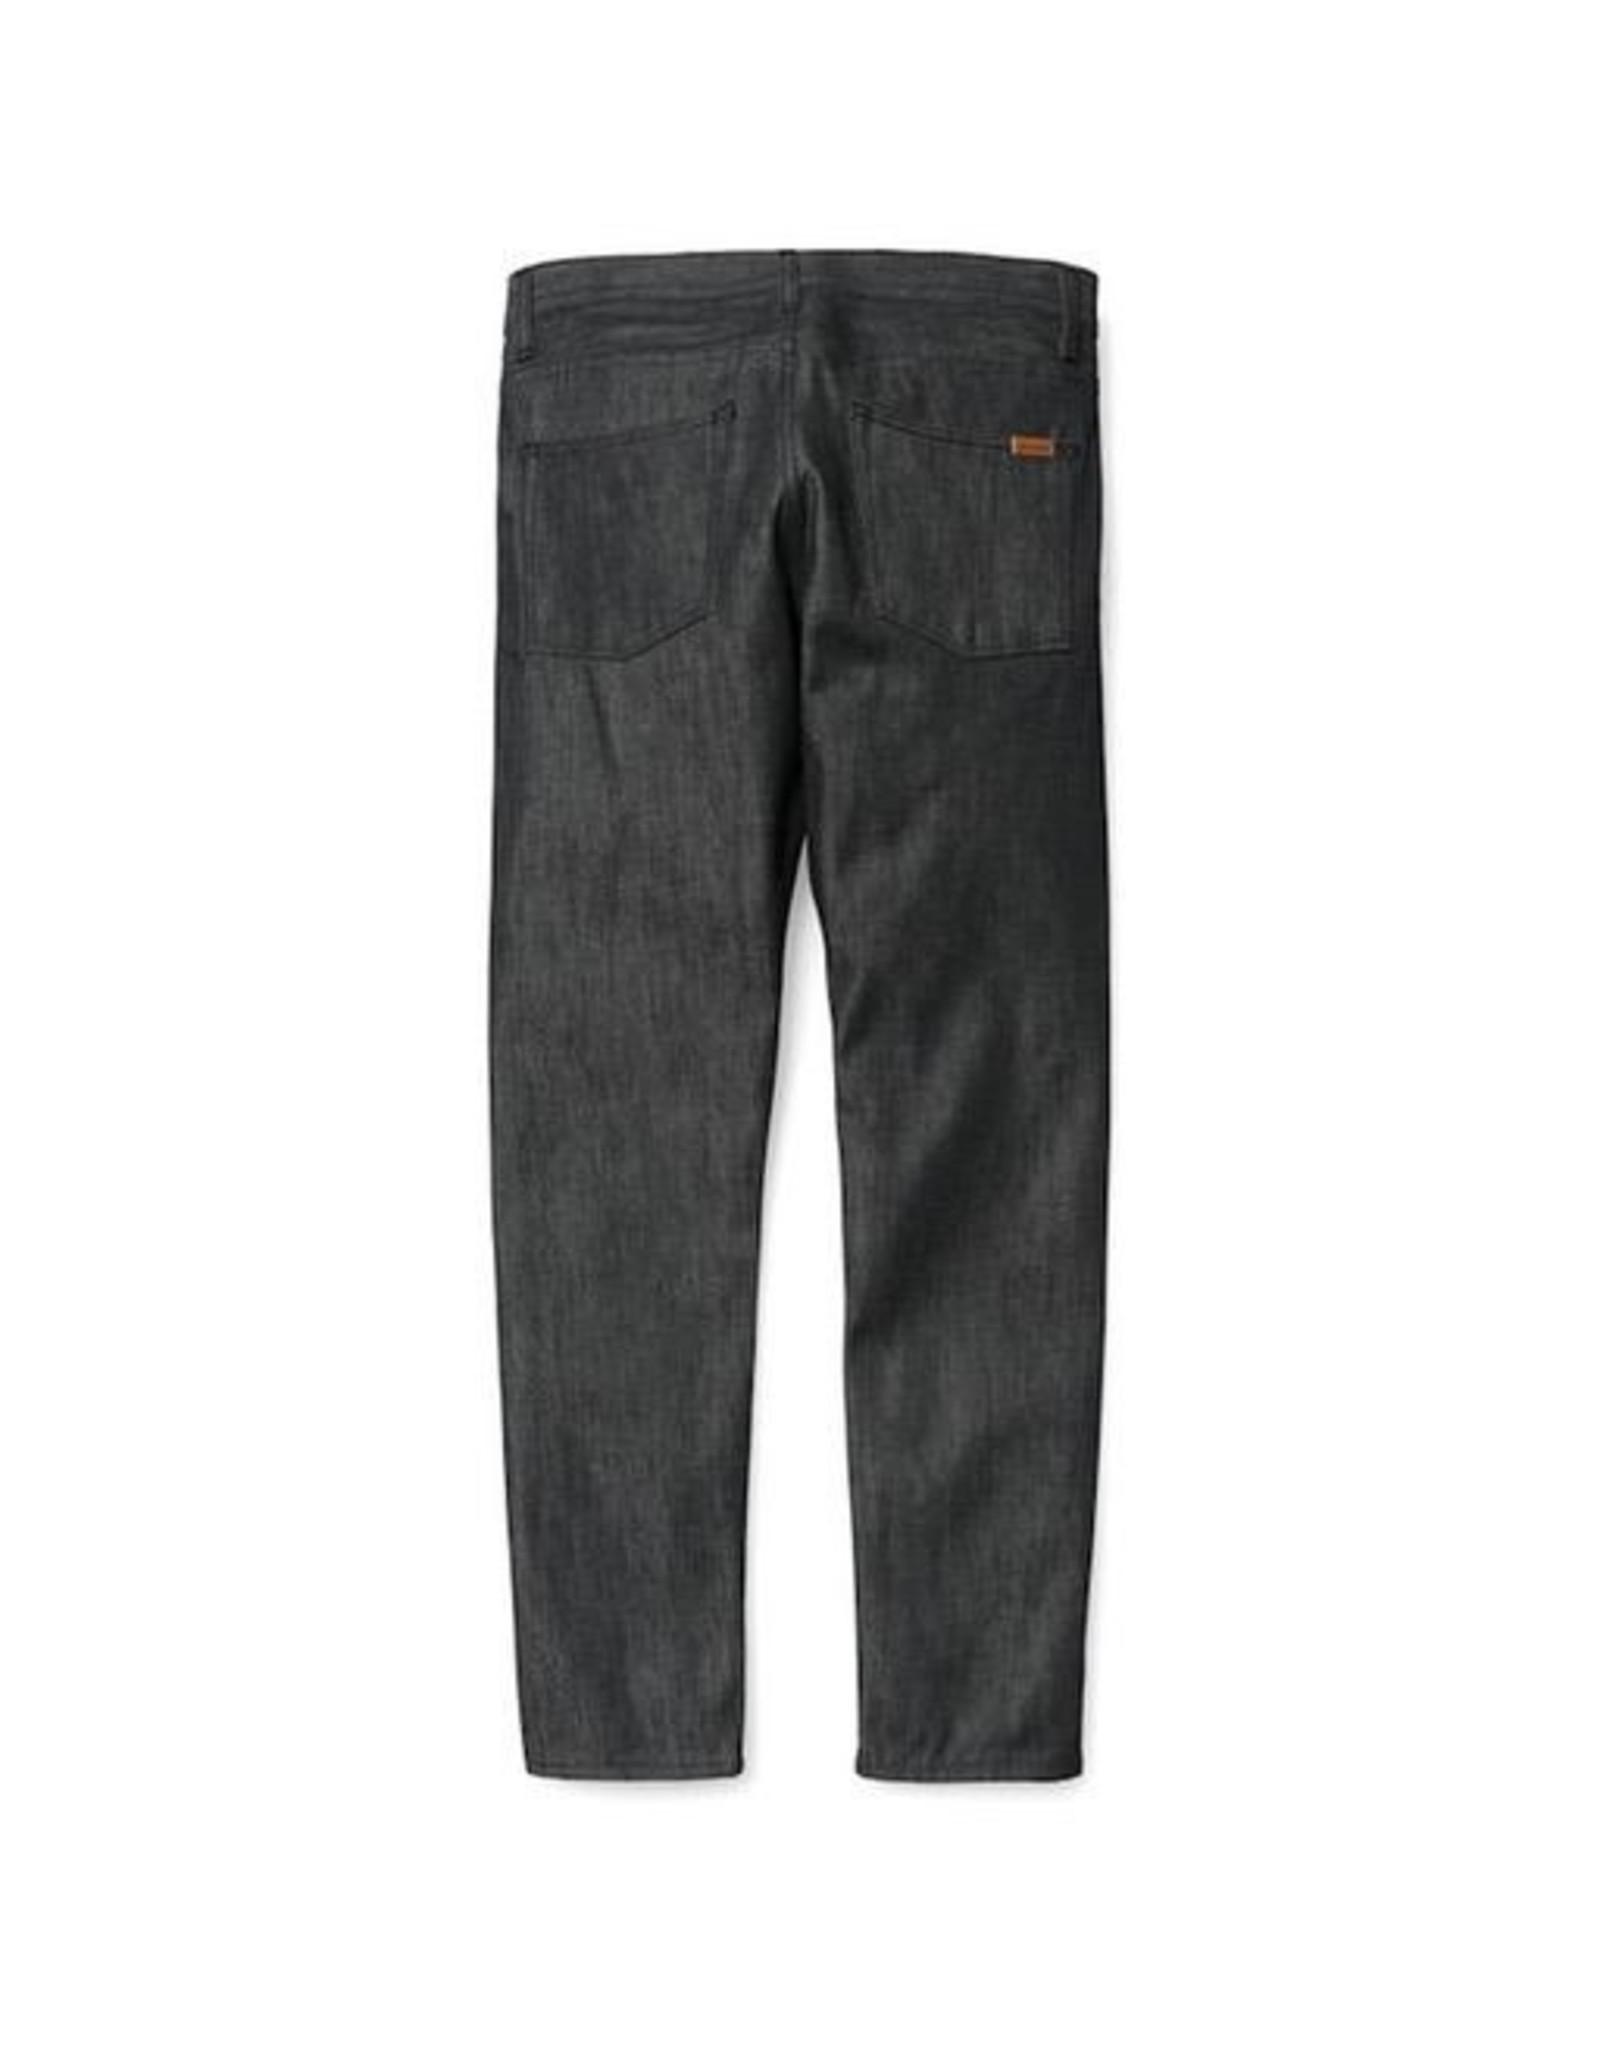 Carhartt Carhartt - Vicious Pant - 34/34 - Black Rigid